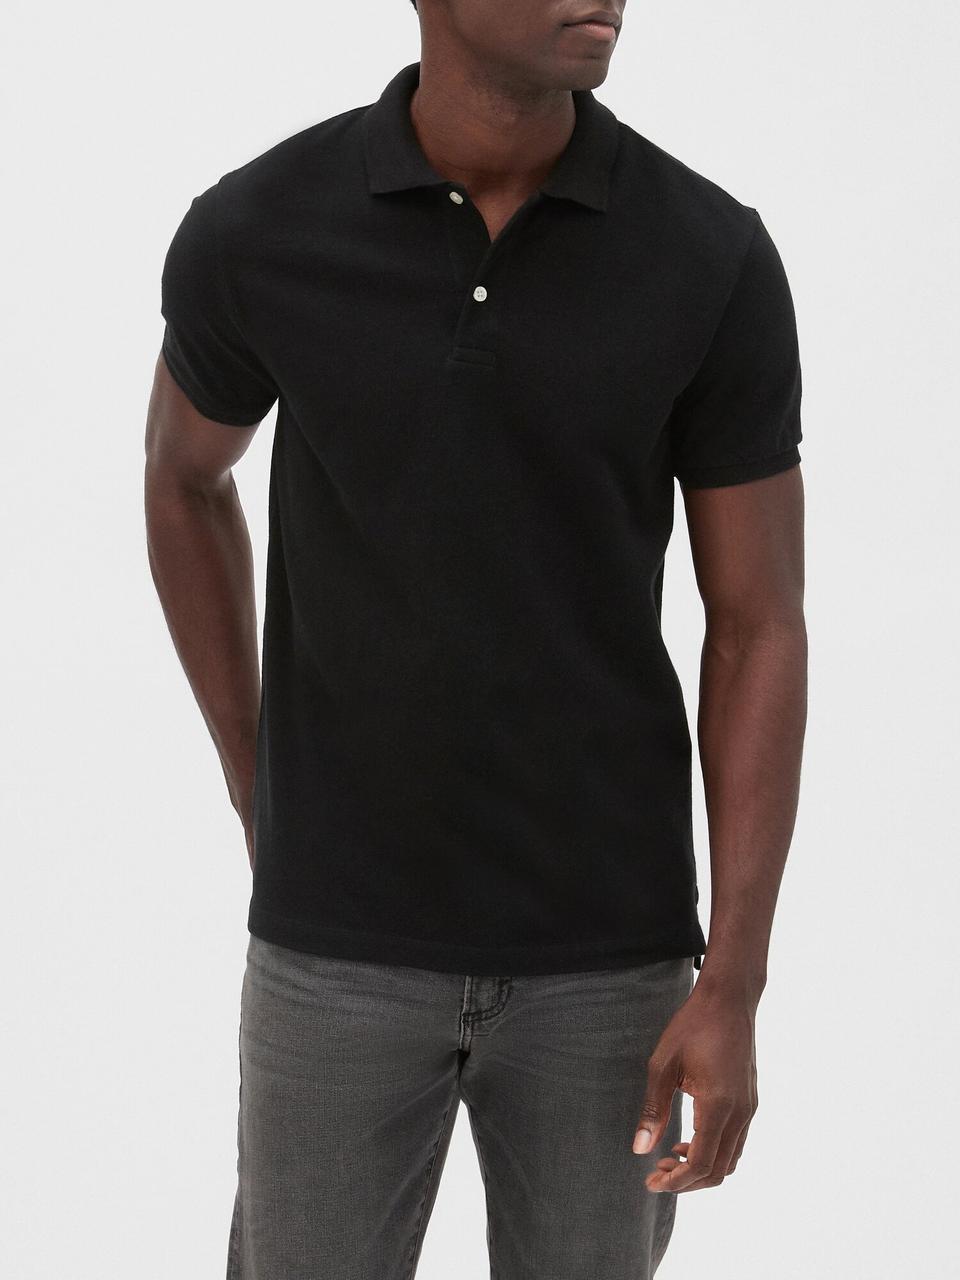 Мужская  футболка-поло GAP art761566 (Черный, размер S)